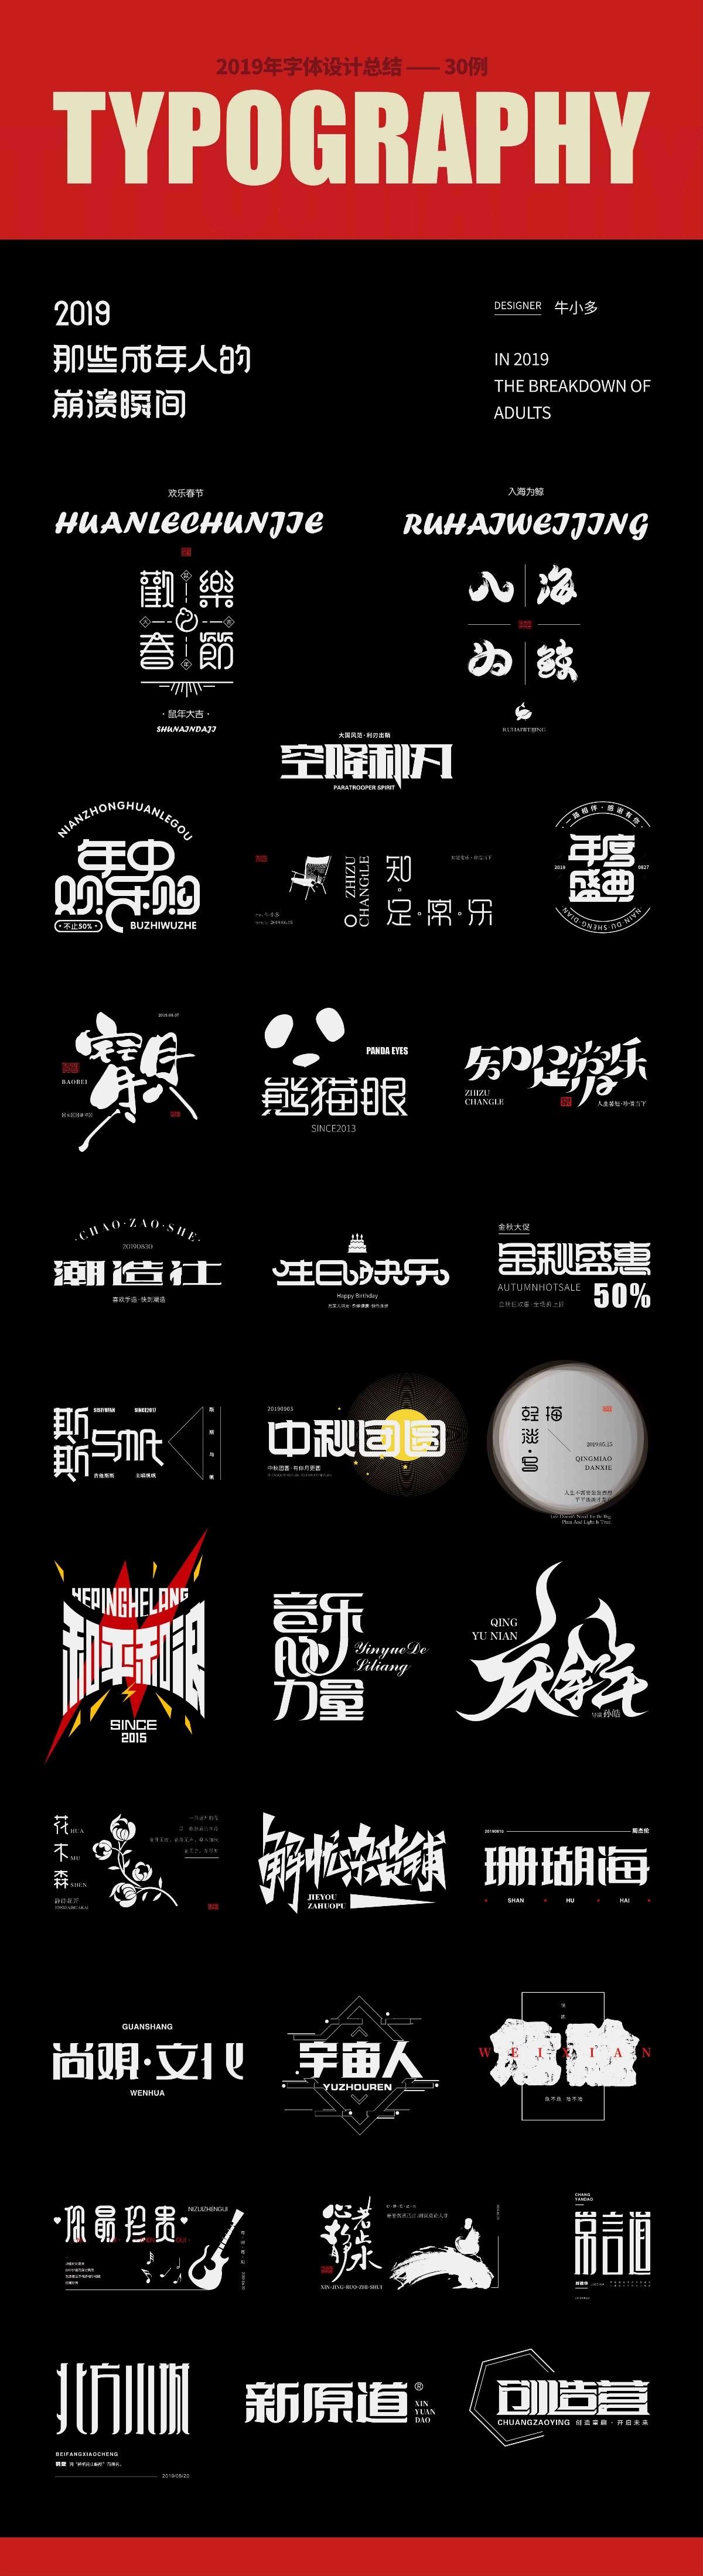 2019字體設計年終總結30例